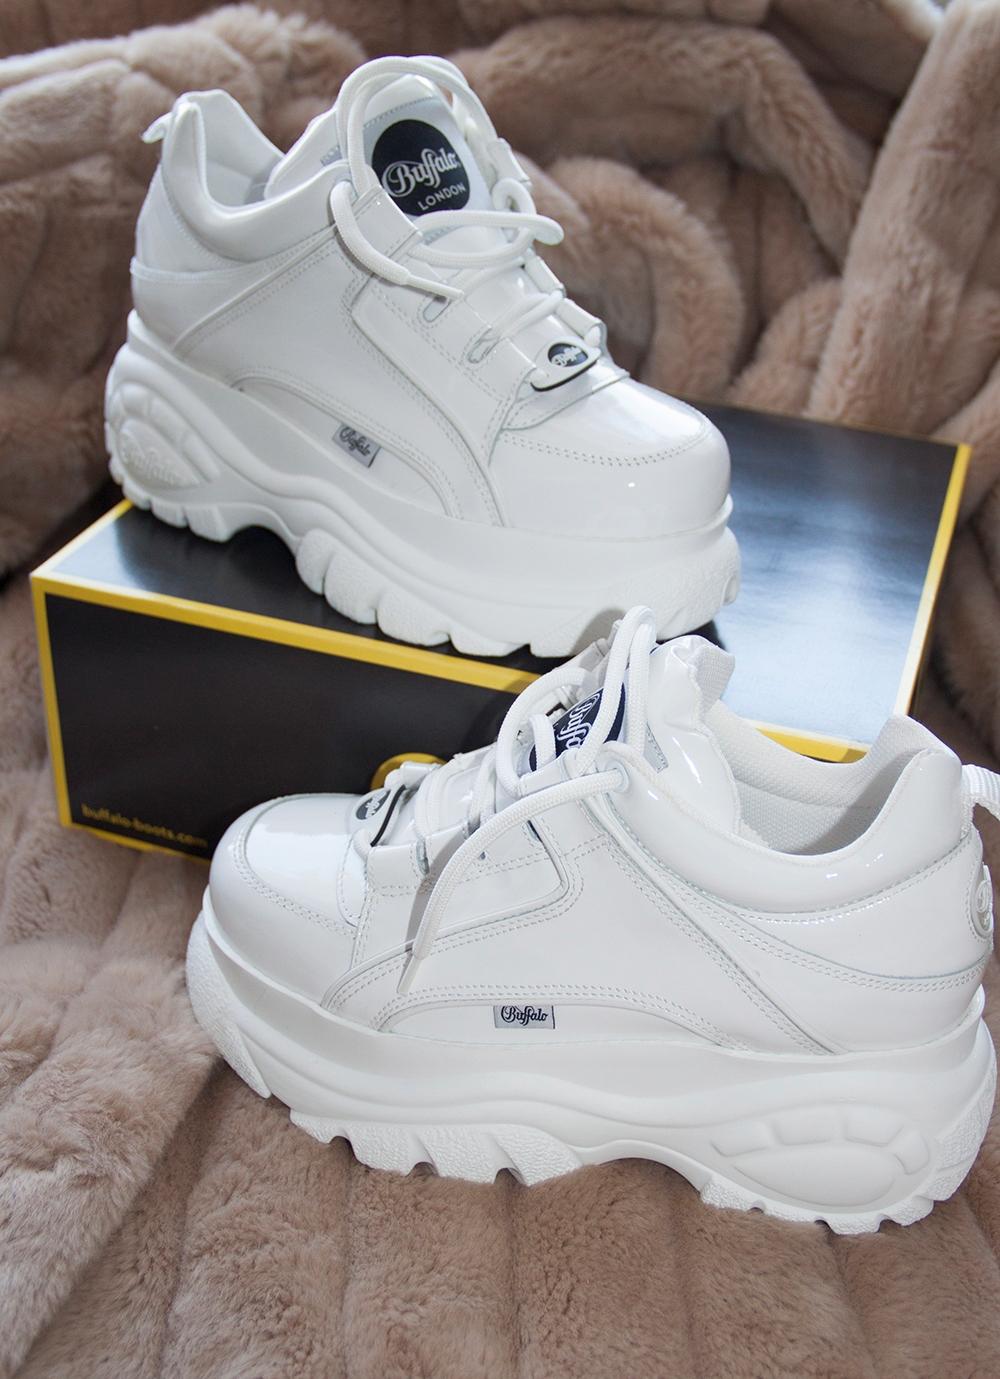 36db4c5112493 NOWE Buty Buffalo London 41 białe platformy goth - 7831607486 ...